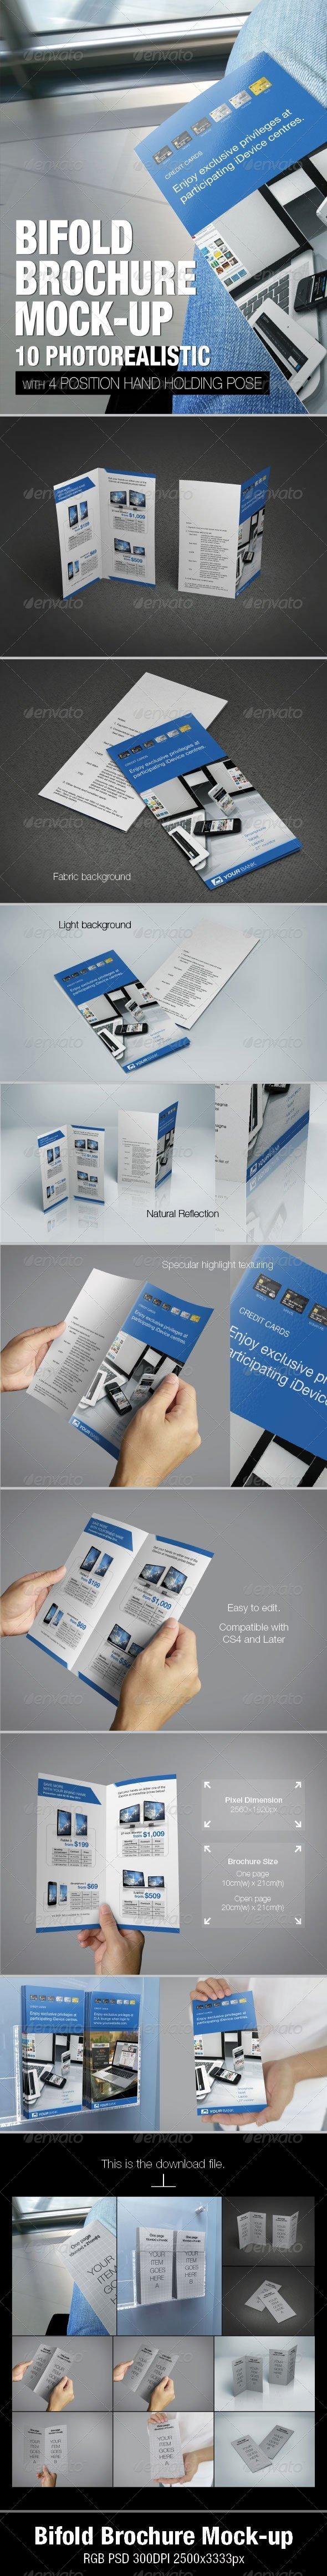 Bifold Brochure Mock-up - Brochures Print